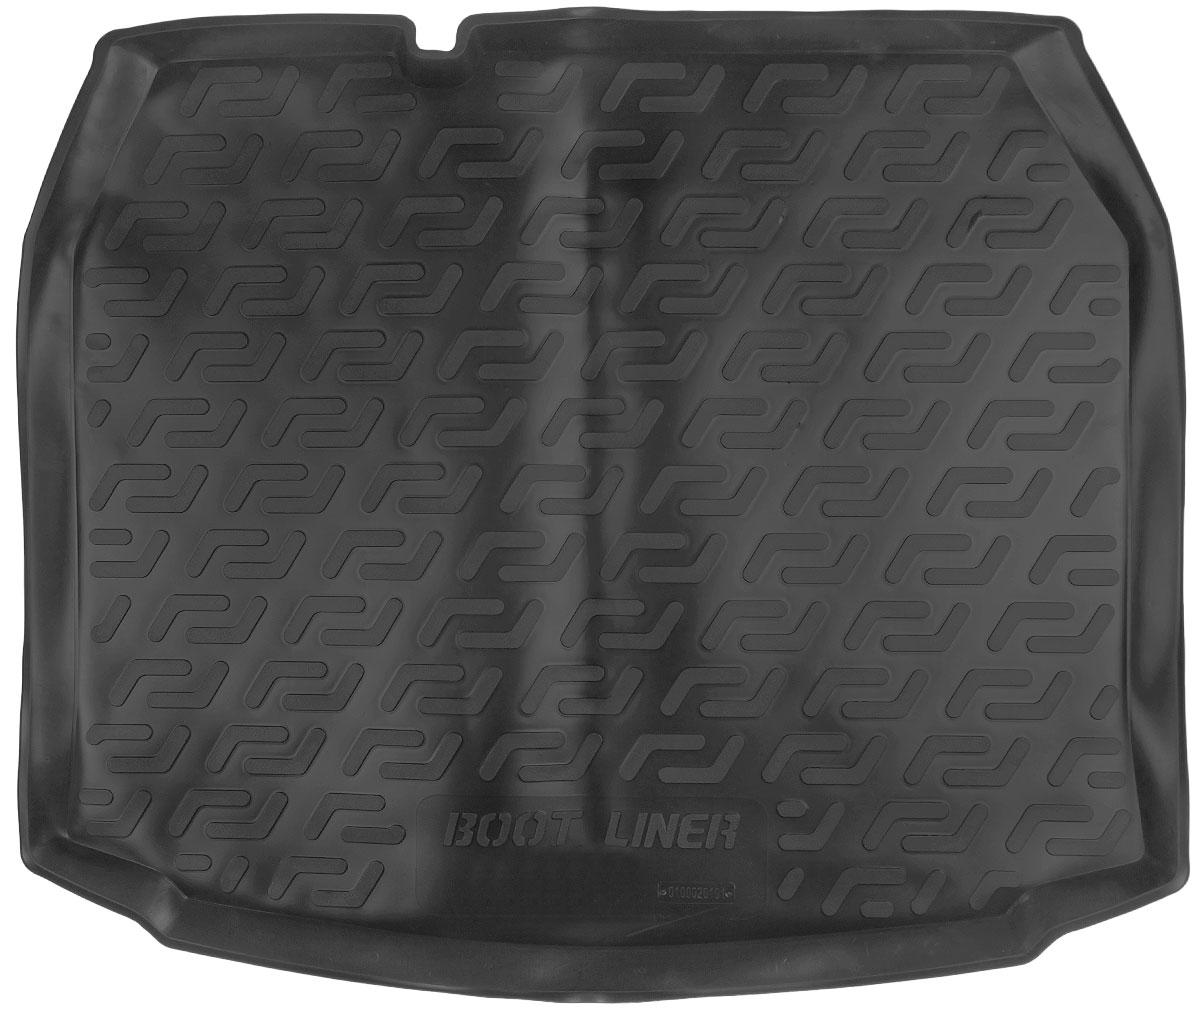 Коврик в багажник L.Locker, для Audi A3 hb (08-)0100020101Коврик L.Locker производится индивидуально для каждой модели автомобиля из современного и экологически чистого материала. Изделие точно повторяет геометрию пола автомобиля, имеет высокий борт, обладает повышенной износоустойчивостью, антискользящими свойствами, лишен резкого запаха и сохраняет свои потребительские свойства в широком диапазоне температур (от -50°С до +80°С).